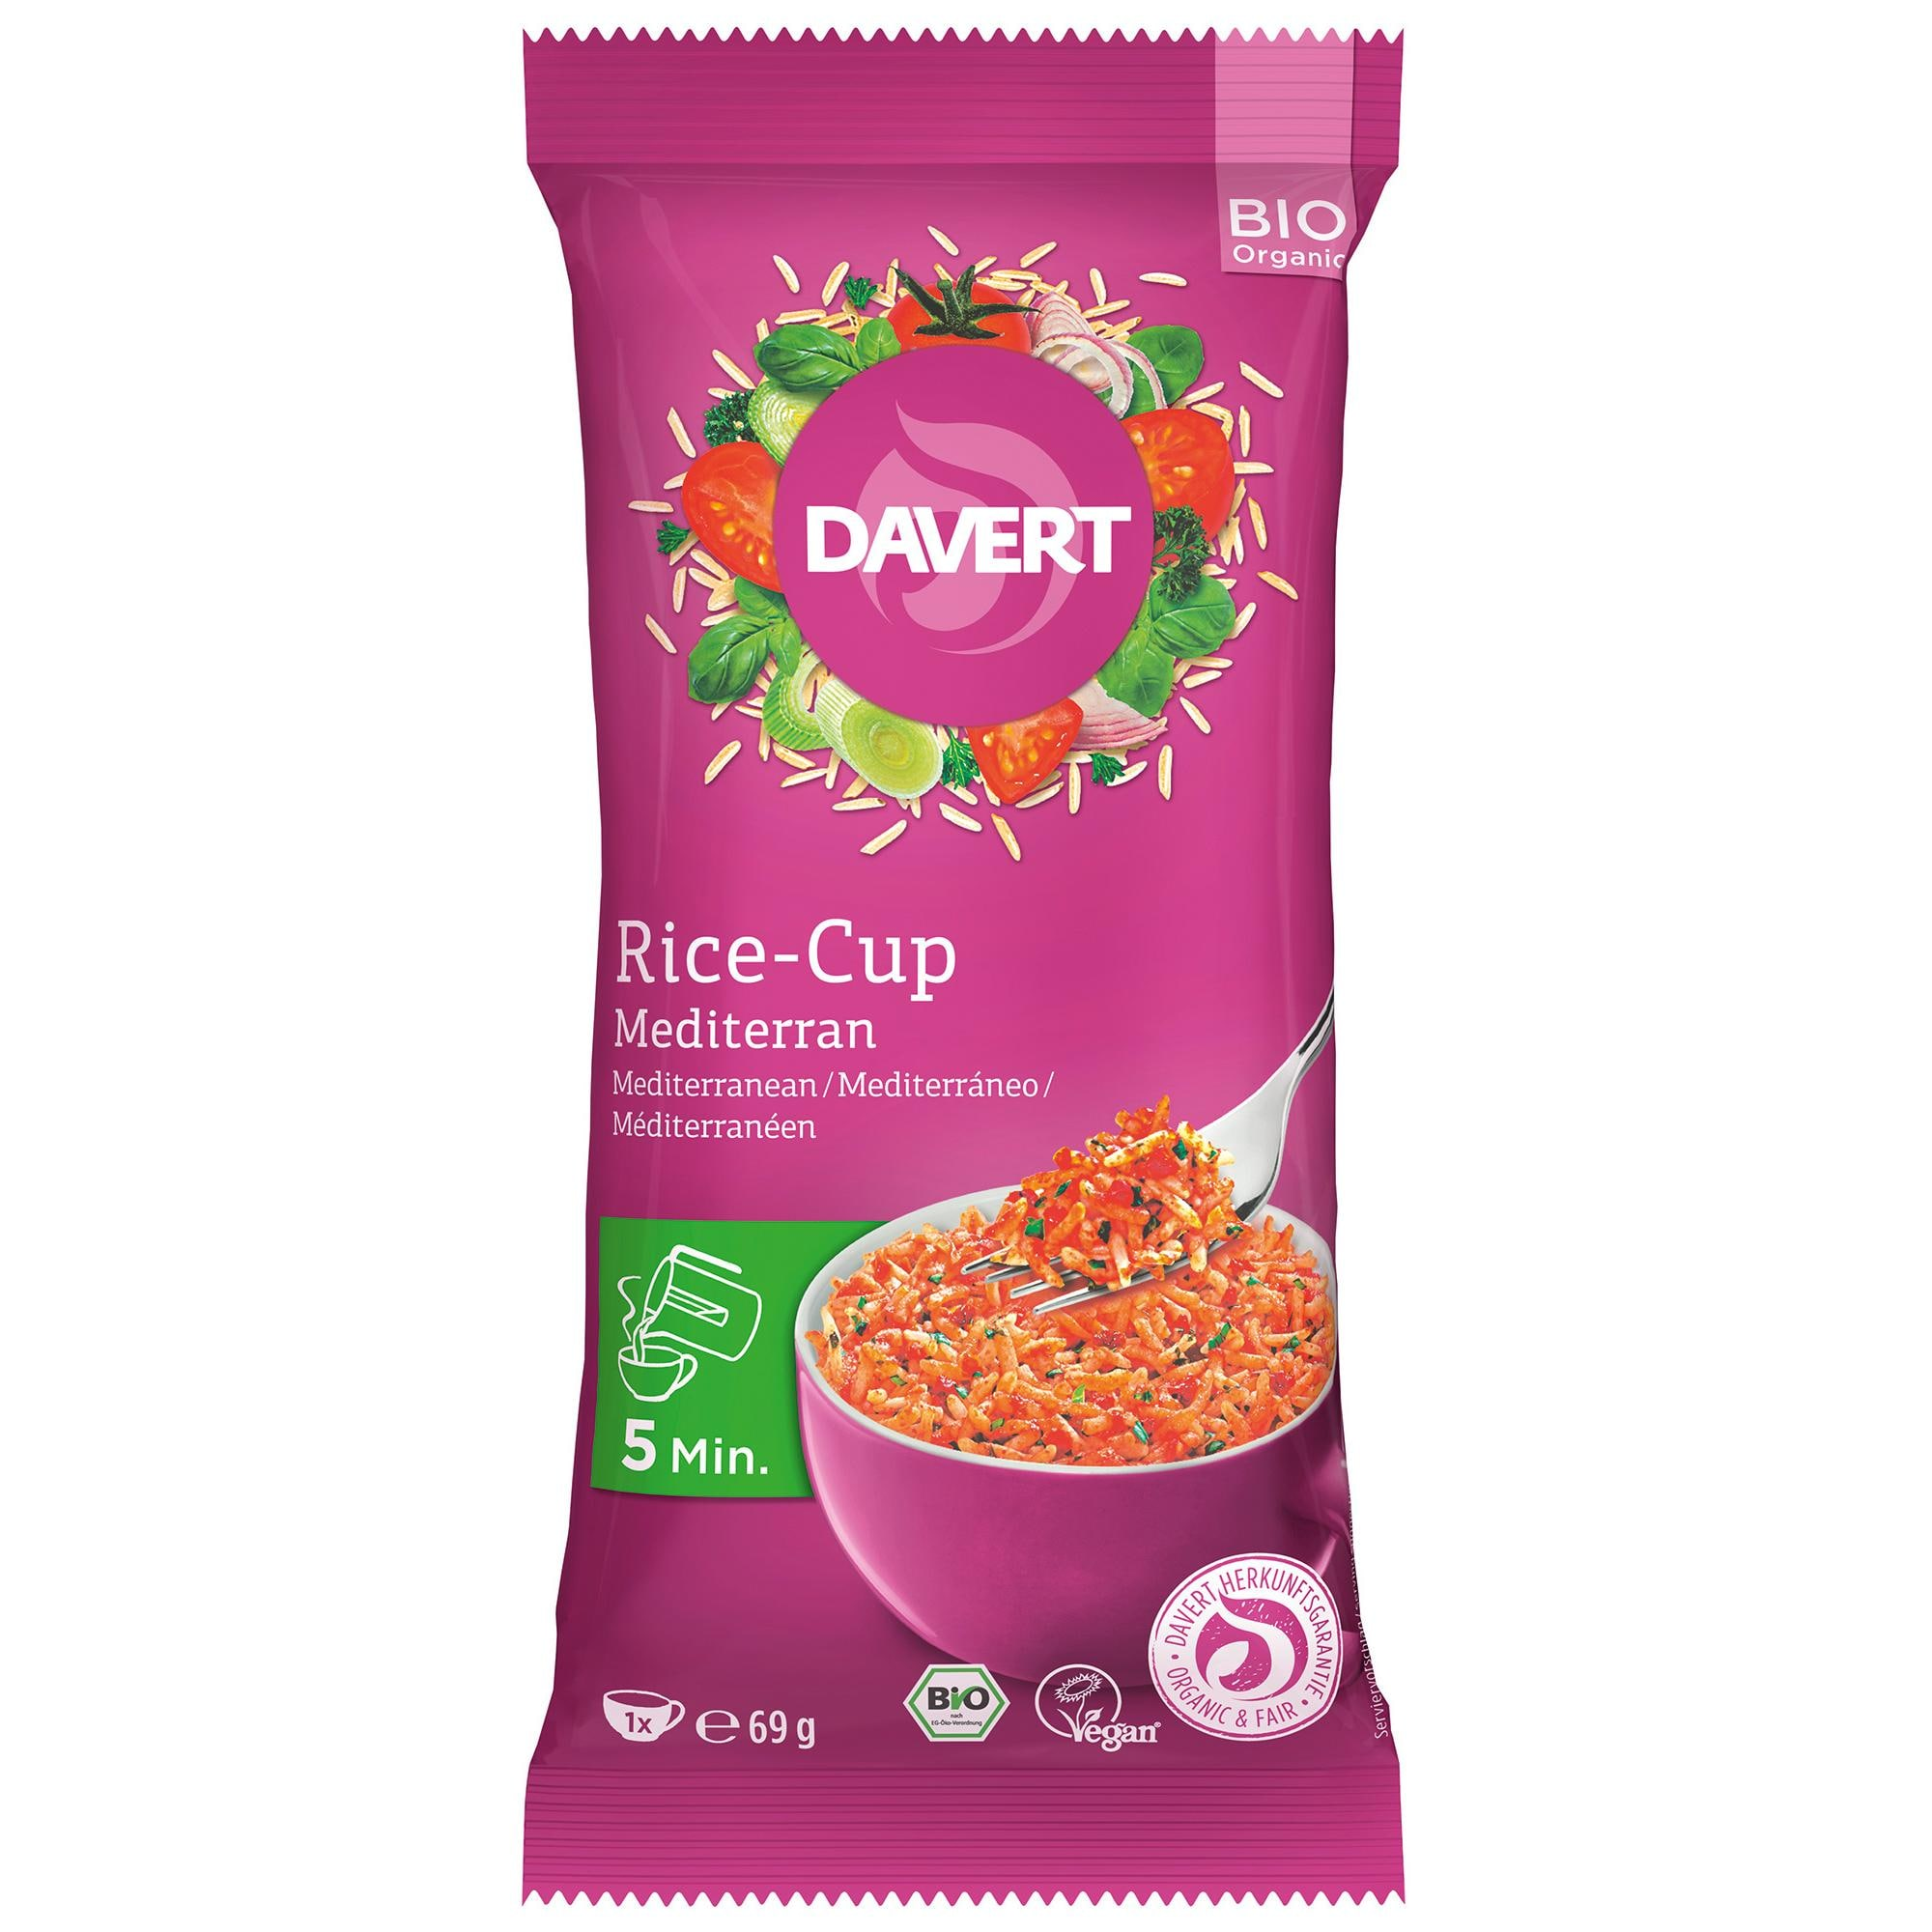 Davert Bio Rice-Cup Mediterran 69g